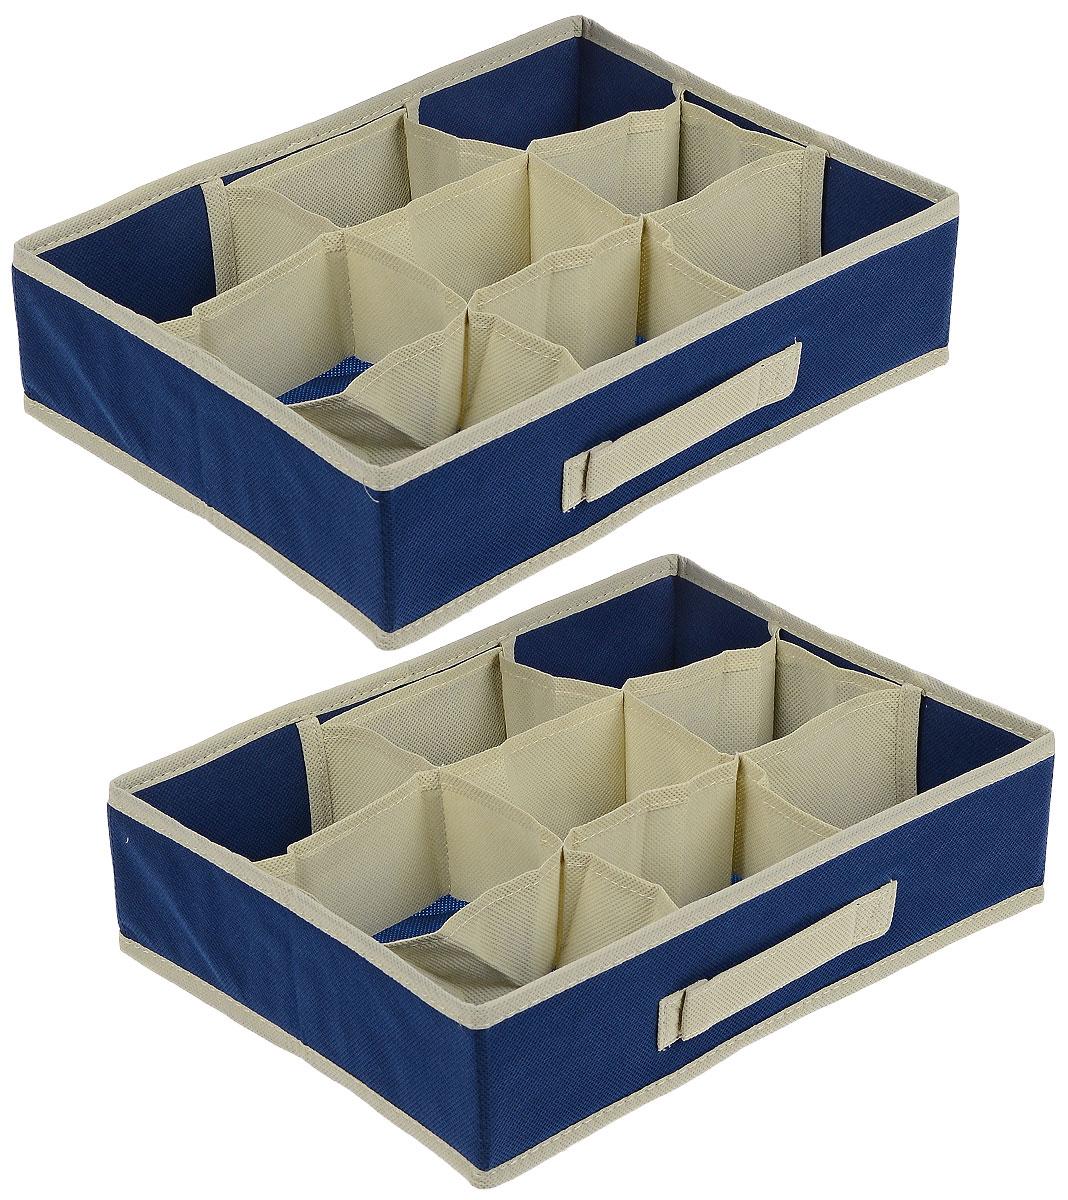 Чехол-коробка для одежды Cosatto Voila, цвет: синий, бежевый, 9 отделений, 2 штCOVLCST001Чехол-коробка Cosatto Voila поможет легко и красиво организовать пространство вкладовой, спальне или гардеробе. Изделие выполнено издышащего нетканого материала (полипропилен). Практичный и долговечный чехол оснащен 9отделениями для более экономичного использования пространства шкафов и комодов. Нижнеебелье, купальники, ремни и прочие мелкие предметы будут всегда находиться на своемместе. Прочность каркаса обеспечивается наличием плотных листов картона. Складная конструкция обеспечивает компактноехранение. Размер отделения: 13 х 9 х 9 см. Размер чехла-коробки: 35 х 27 х 9 см.